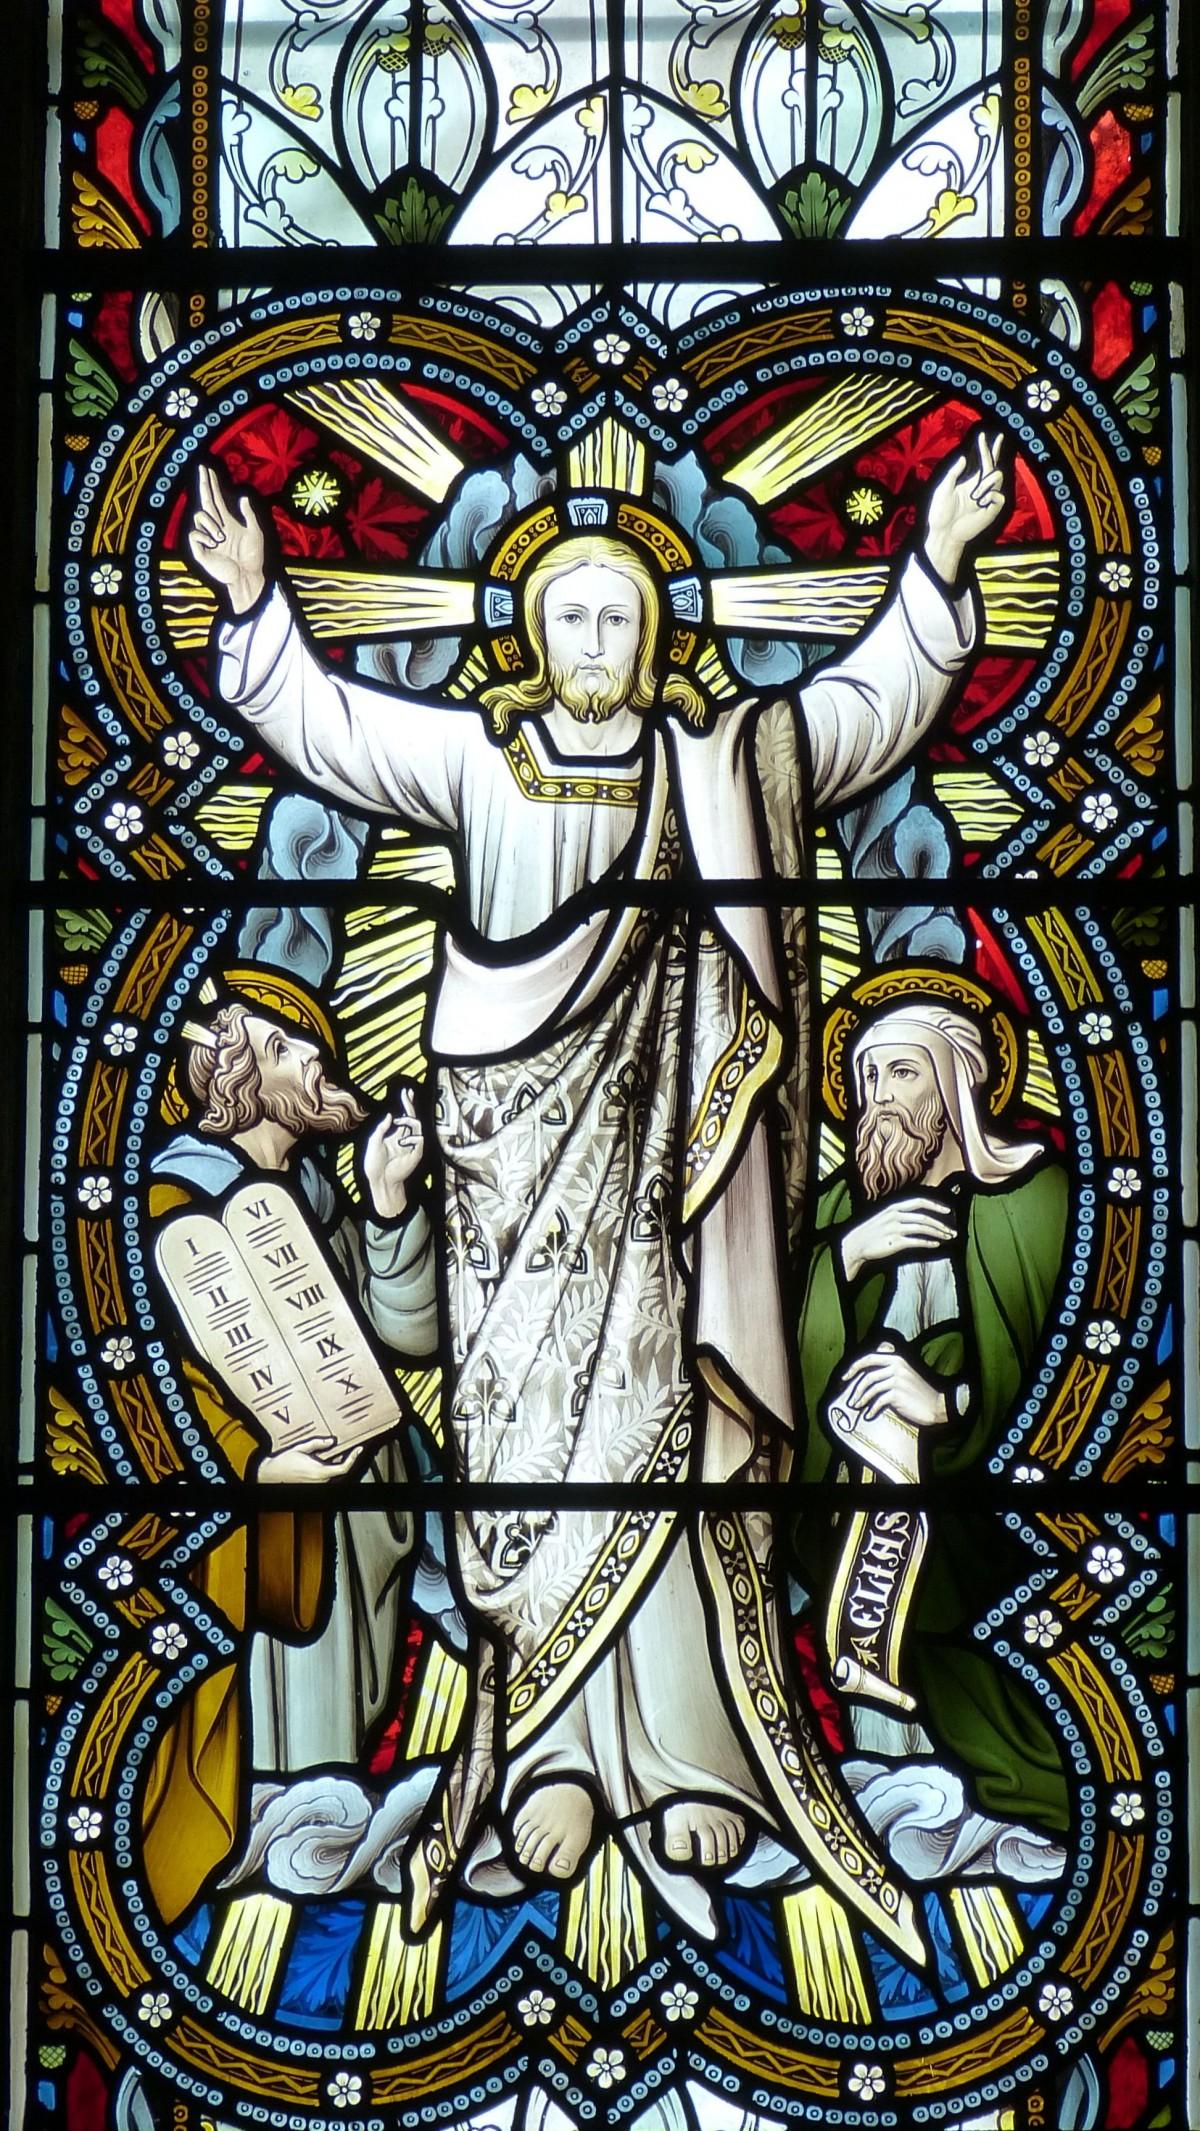 Gratis afbeeldingen venster glas kerk materiaal glas in lood bijbel engeland christus - Geloof glas ingerichte ...